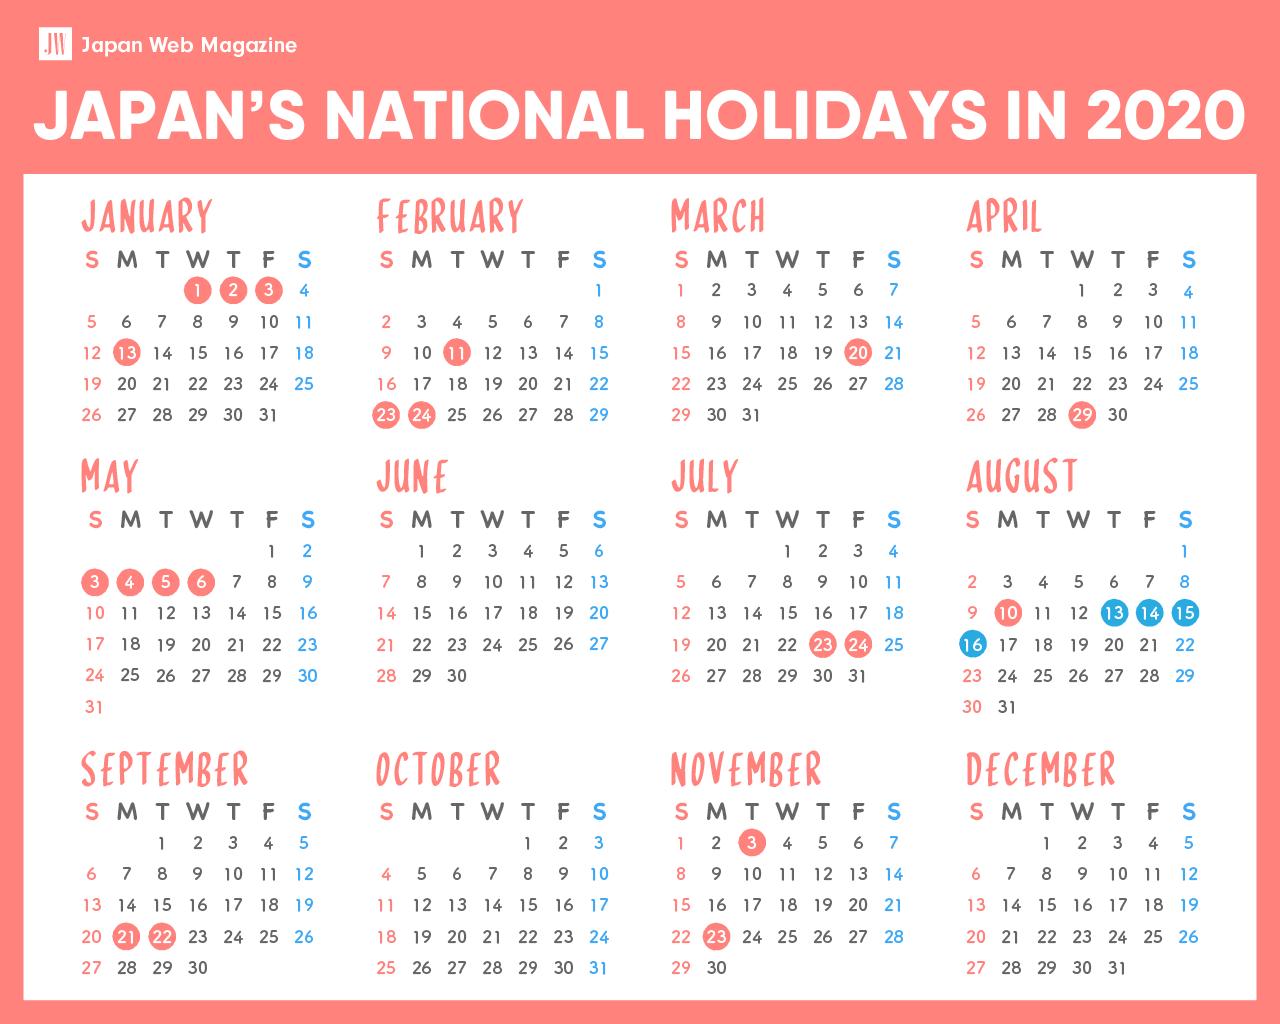 Japanese National Holidays in 2020 - Japan Web Magazine